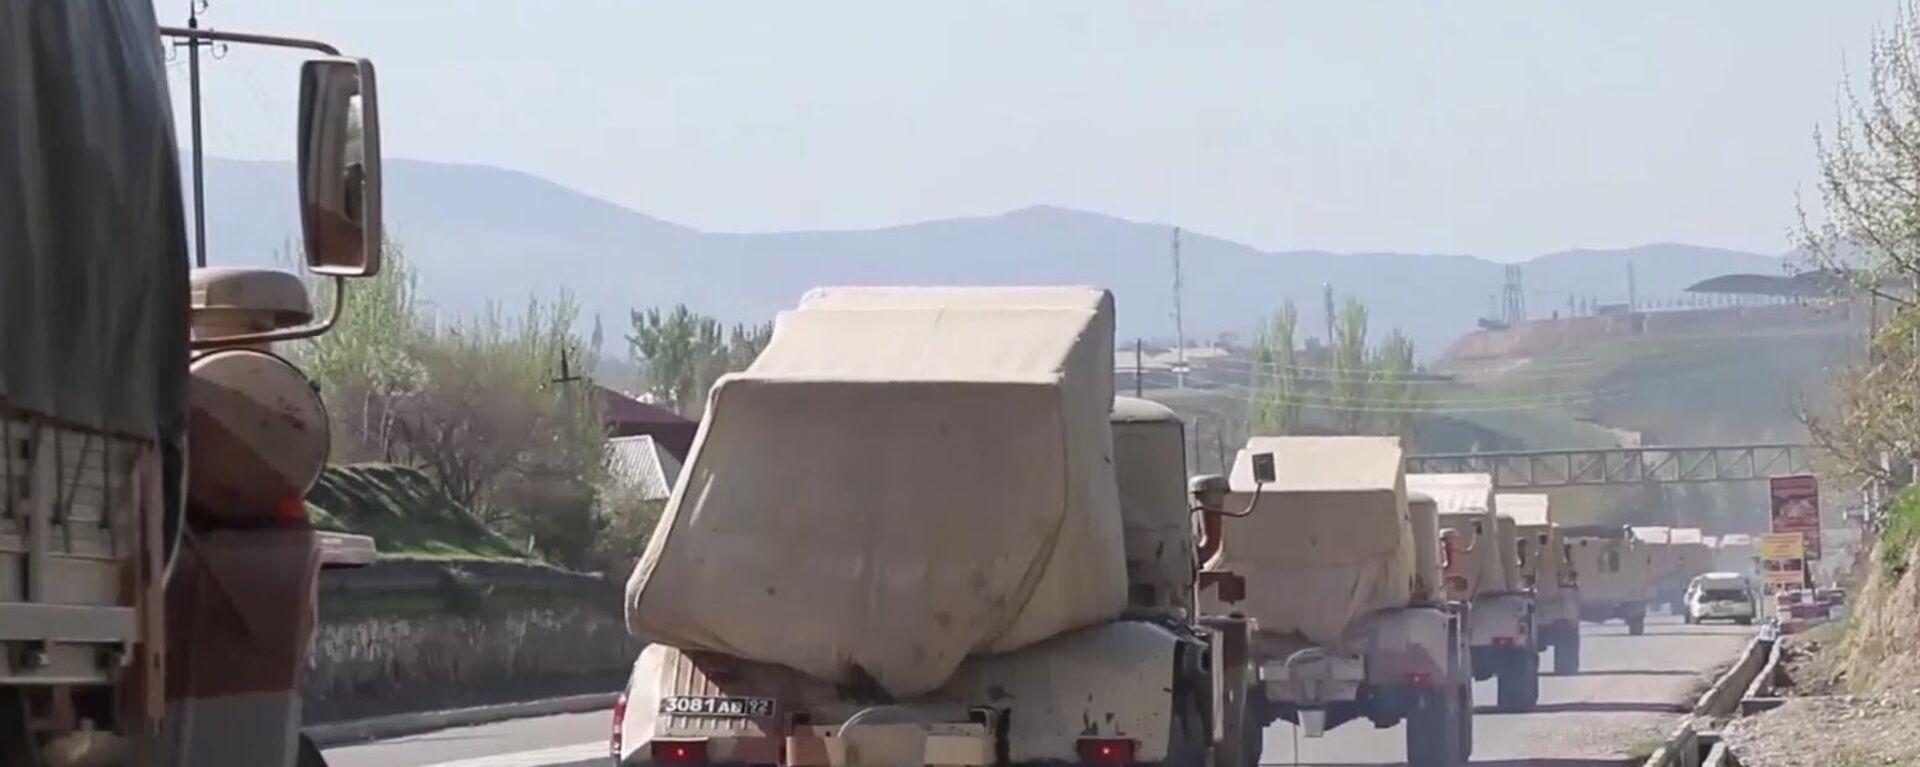 Vehículos militares rusos circulan por una carretera en Tayikistán, el 28 de julio de 2021 - Sputnik Mundo, 1920, 02.08.2021